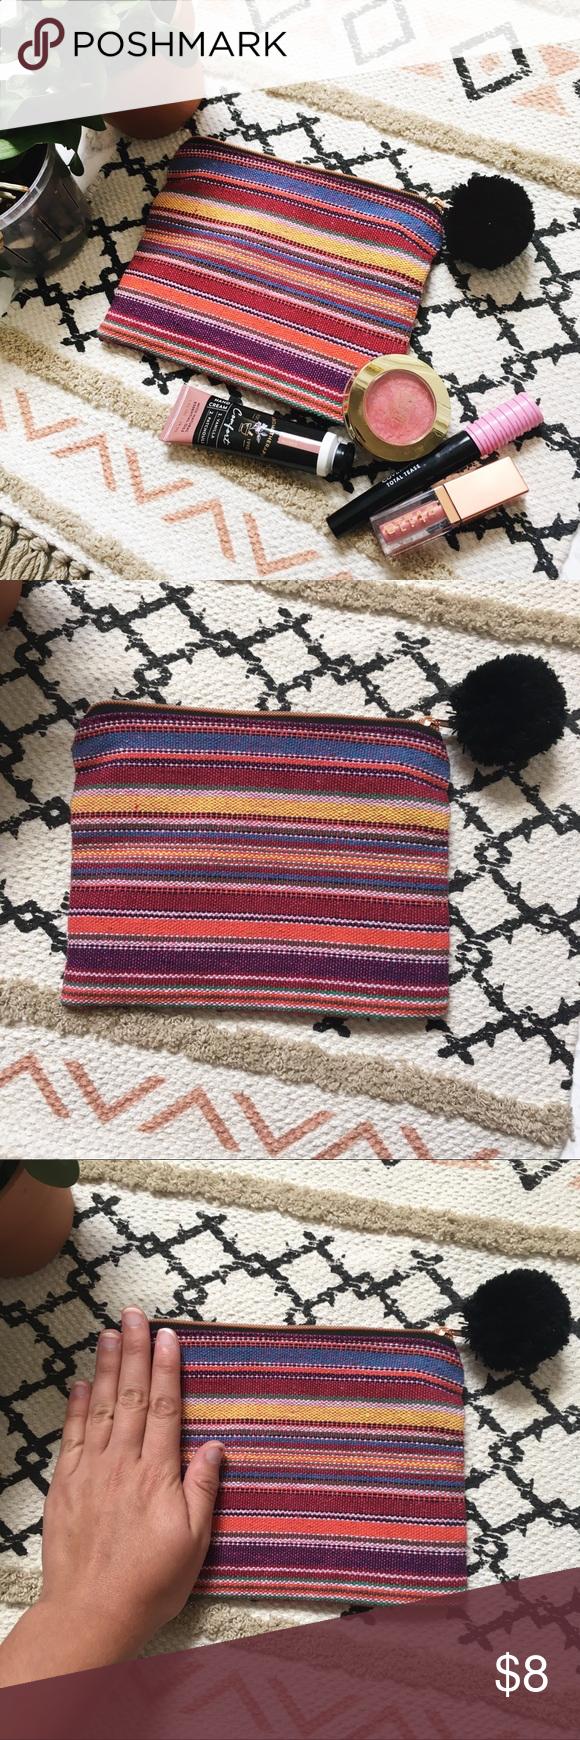 Boho Stripped Makeup Bag/Wallet • Makeup bag, Urban